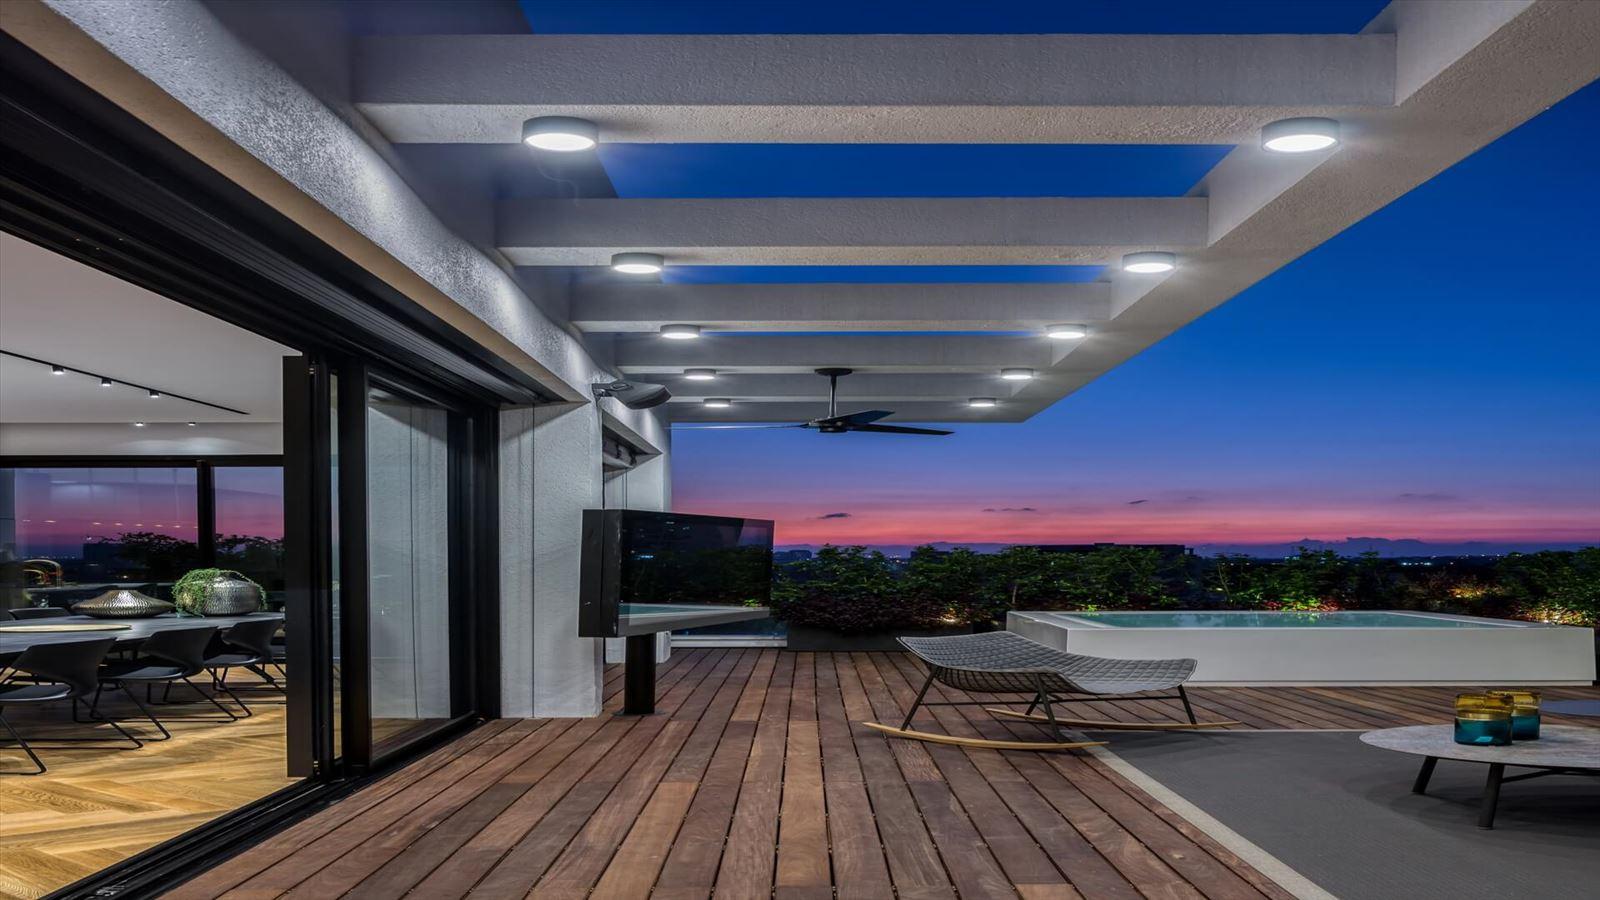 עיצוב תאורת מרפסת על ידי דורי קמחי תאורה אדריכלית